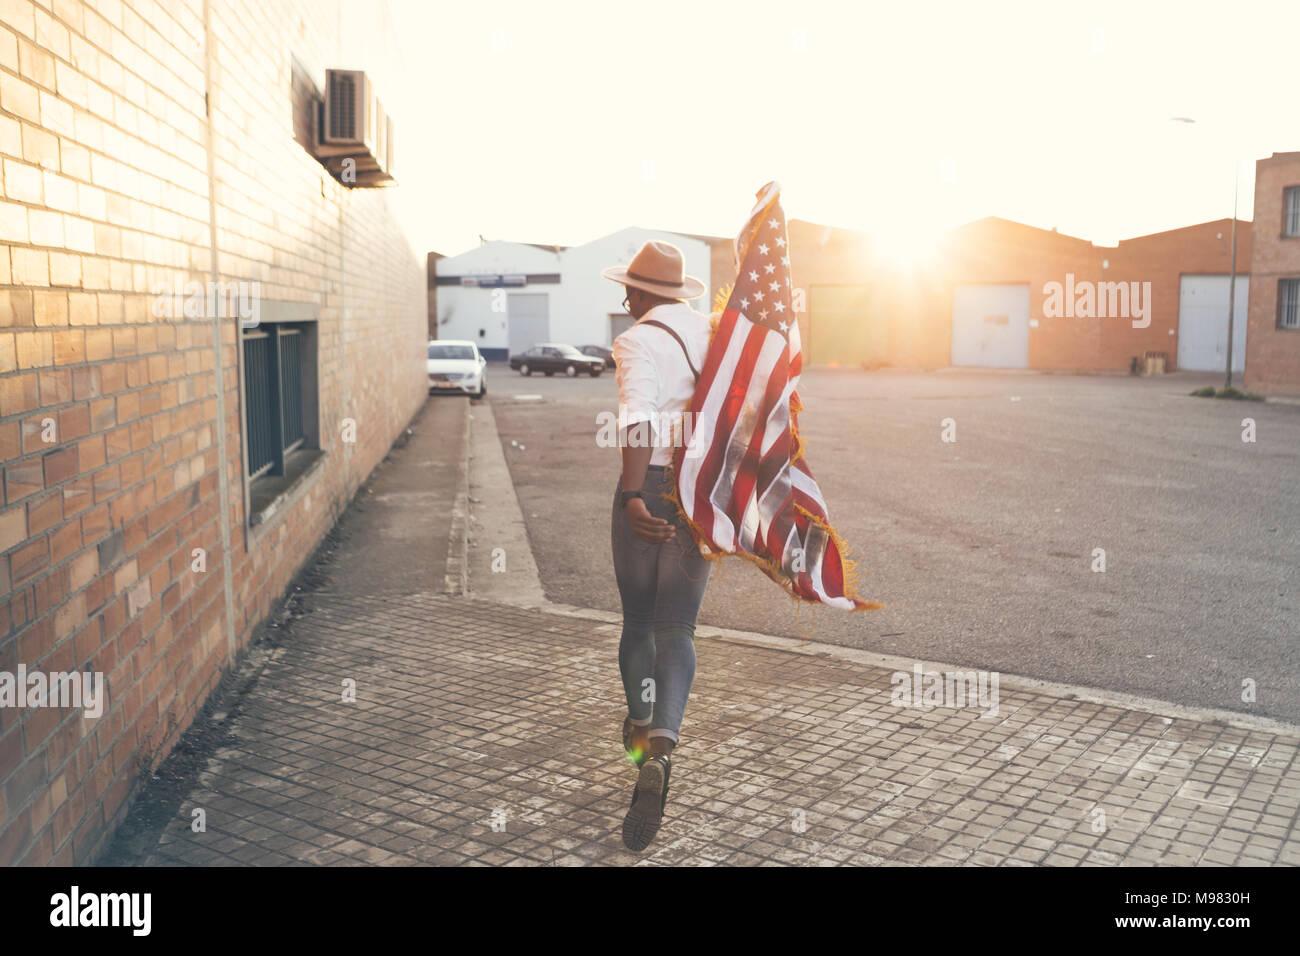 Vista posteriore del giovane uomo che corre con bandiera americana a retroilluminazione Immagini Stock